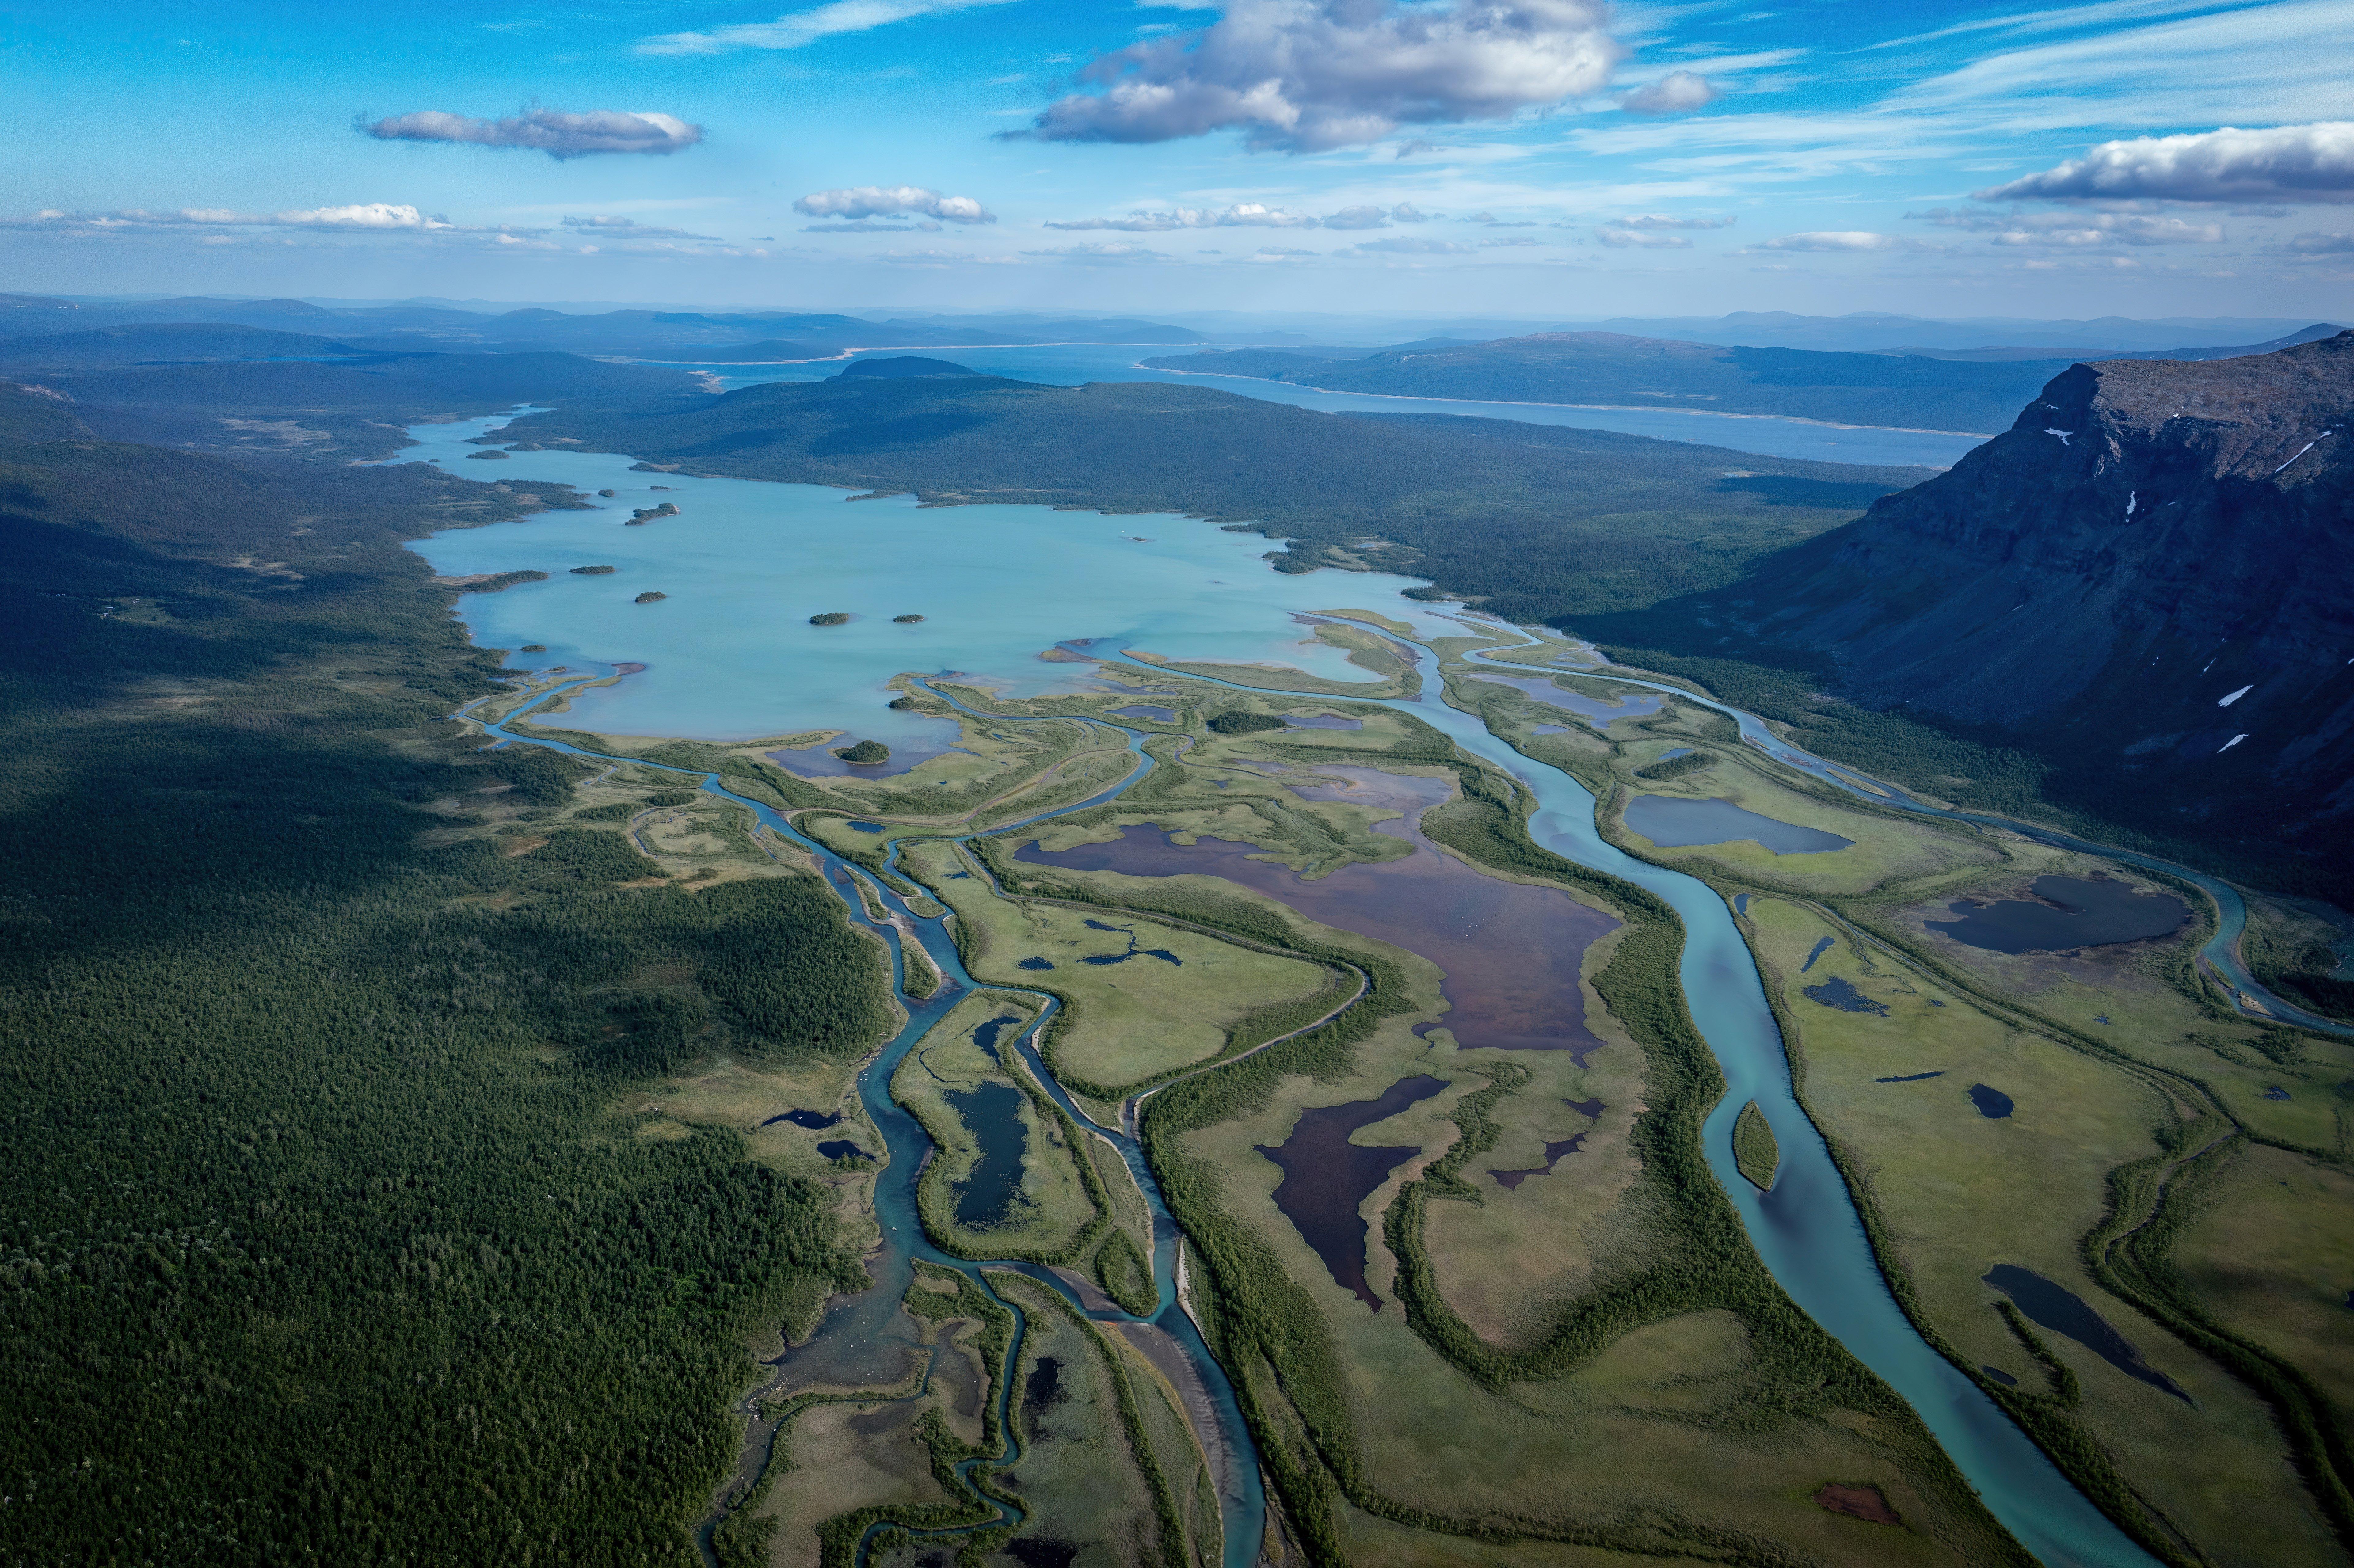 Fondos de pantalla Vista aerea de montañas verdes